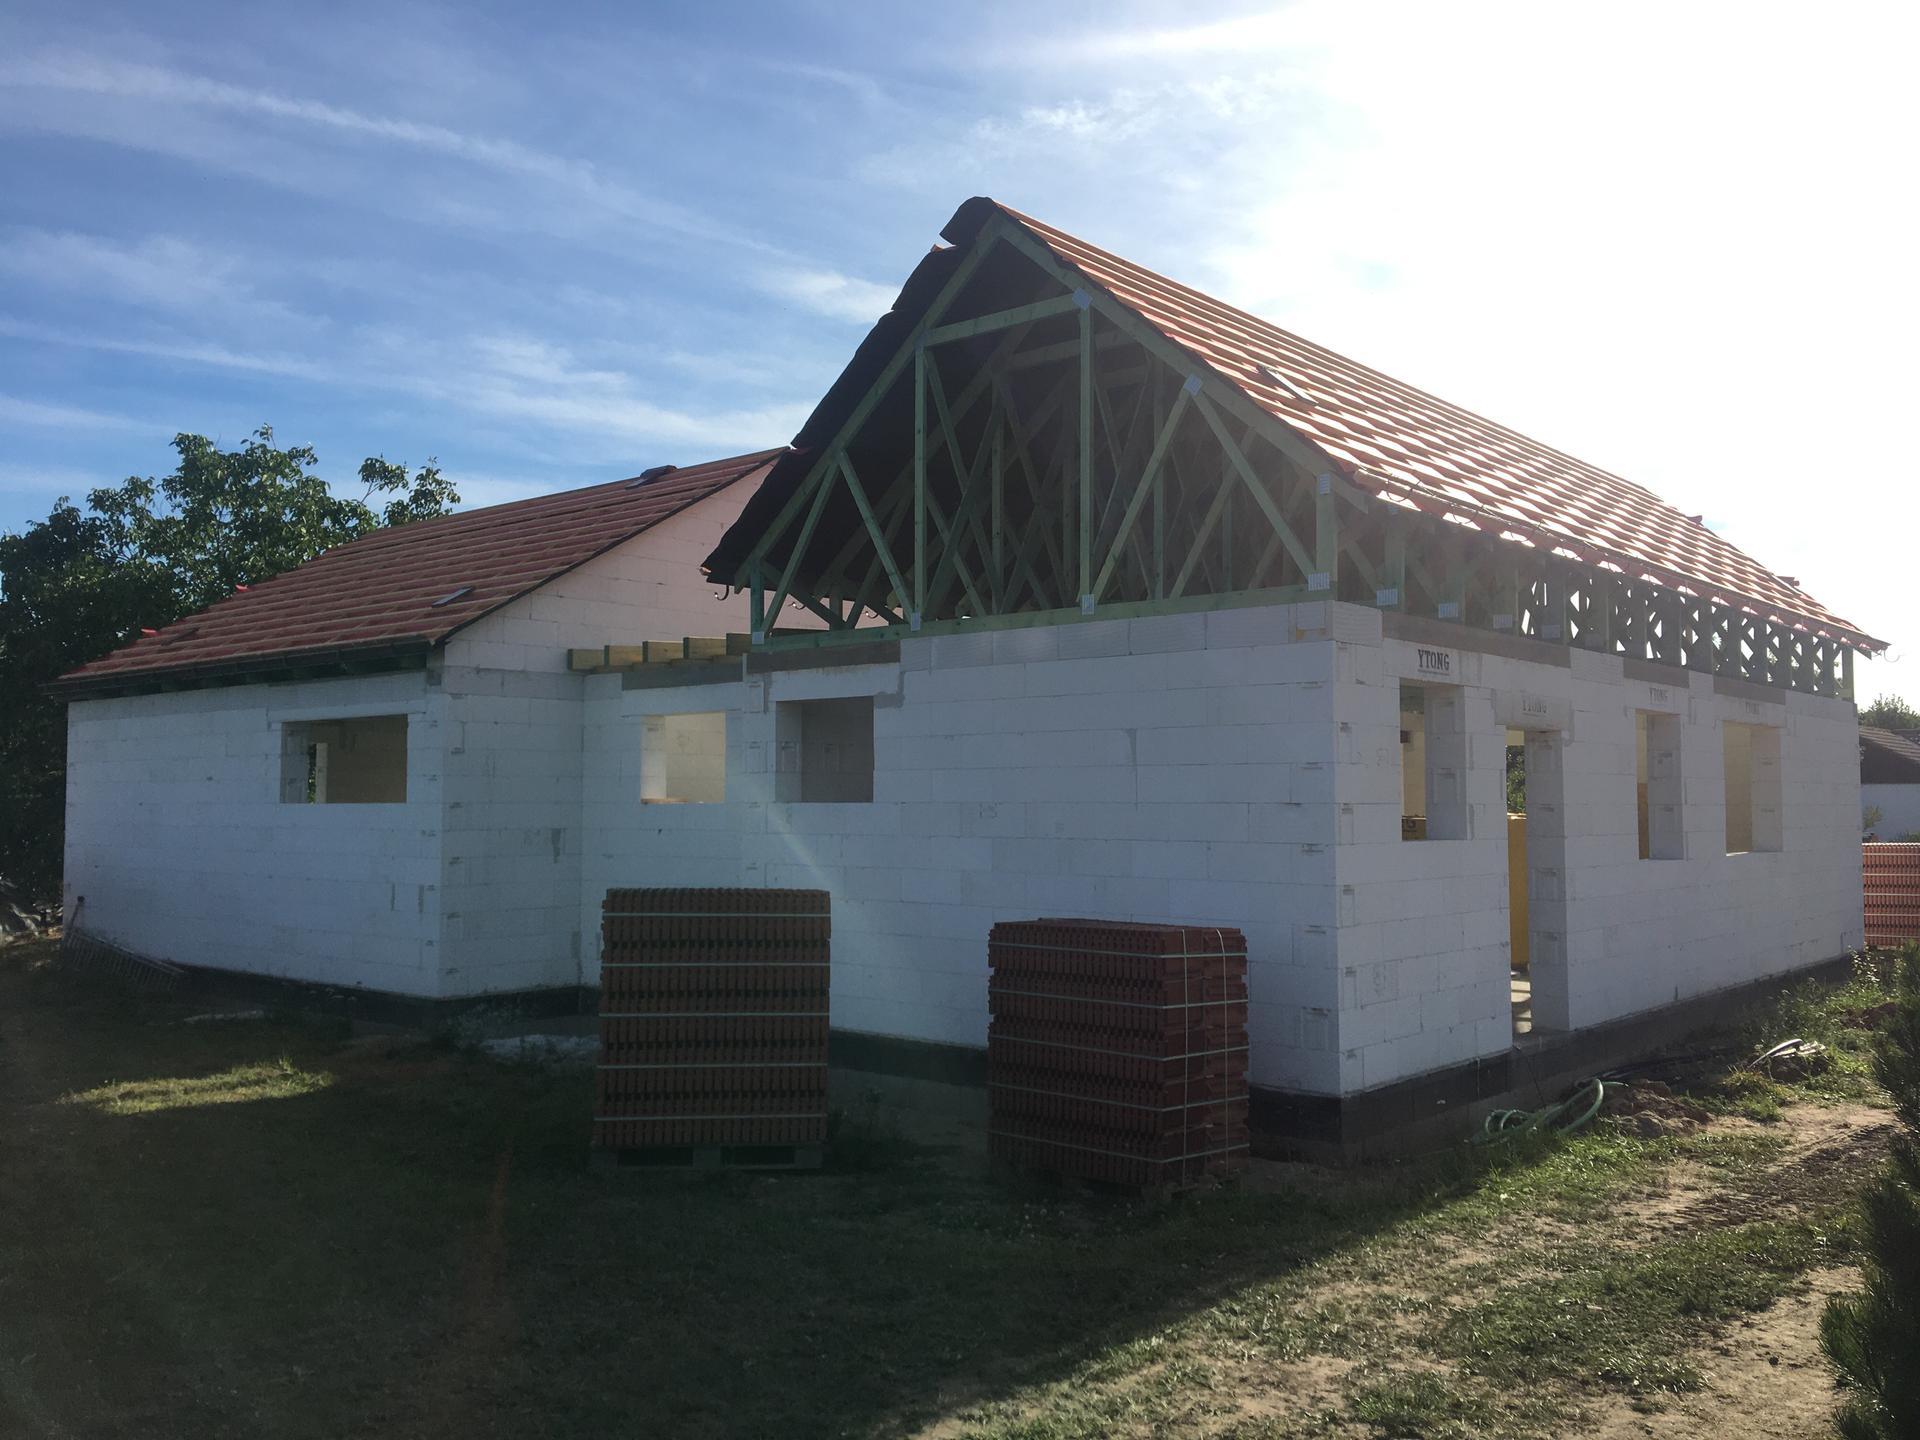 Dům do L - stavba 2020/2021 - 22.7.2020 Vylaťováno